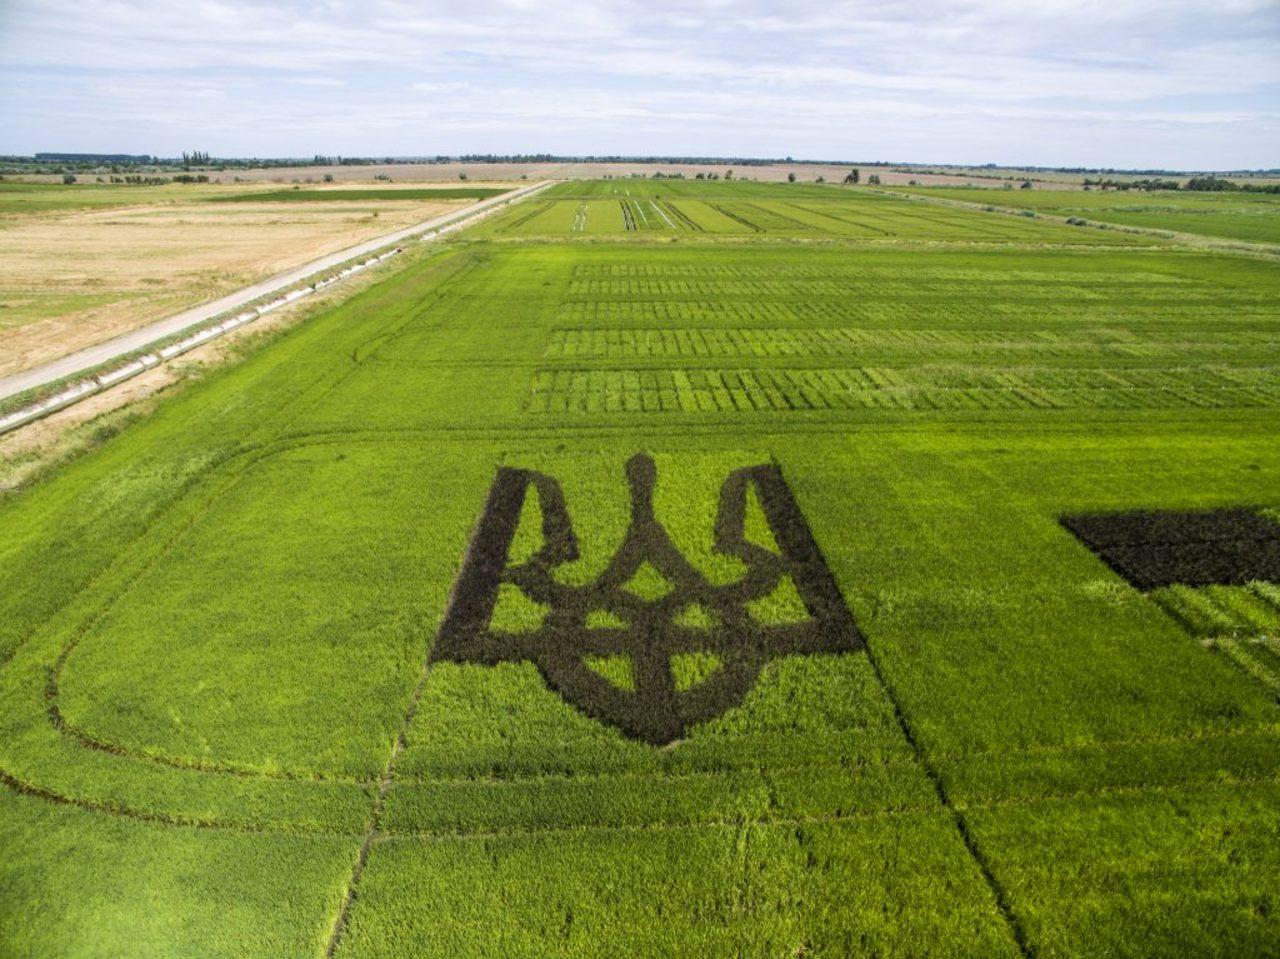 На кордоні Рівненщини з Білоруссю піднісся 4-метровий Тризуб (фото)